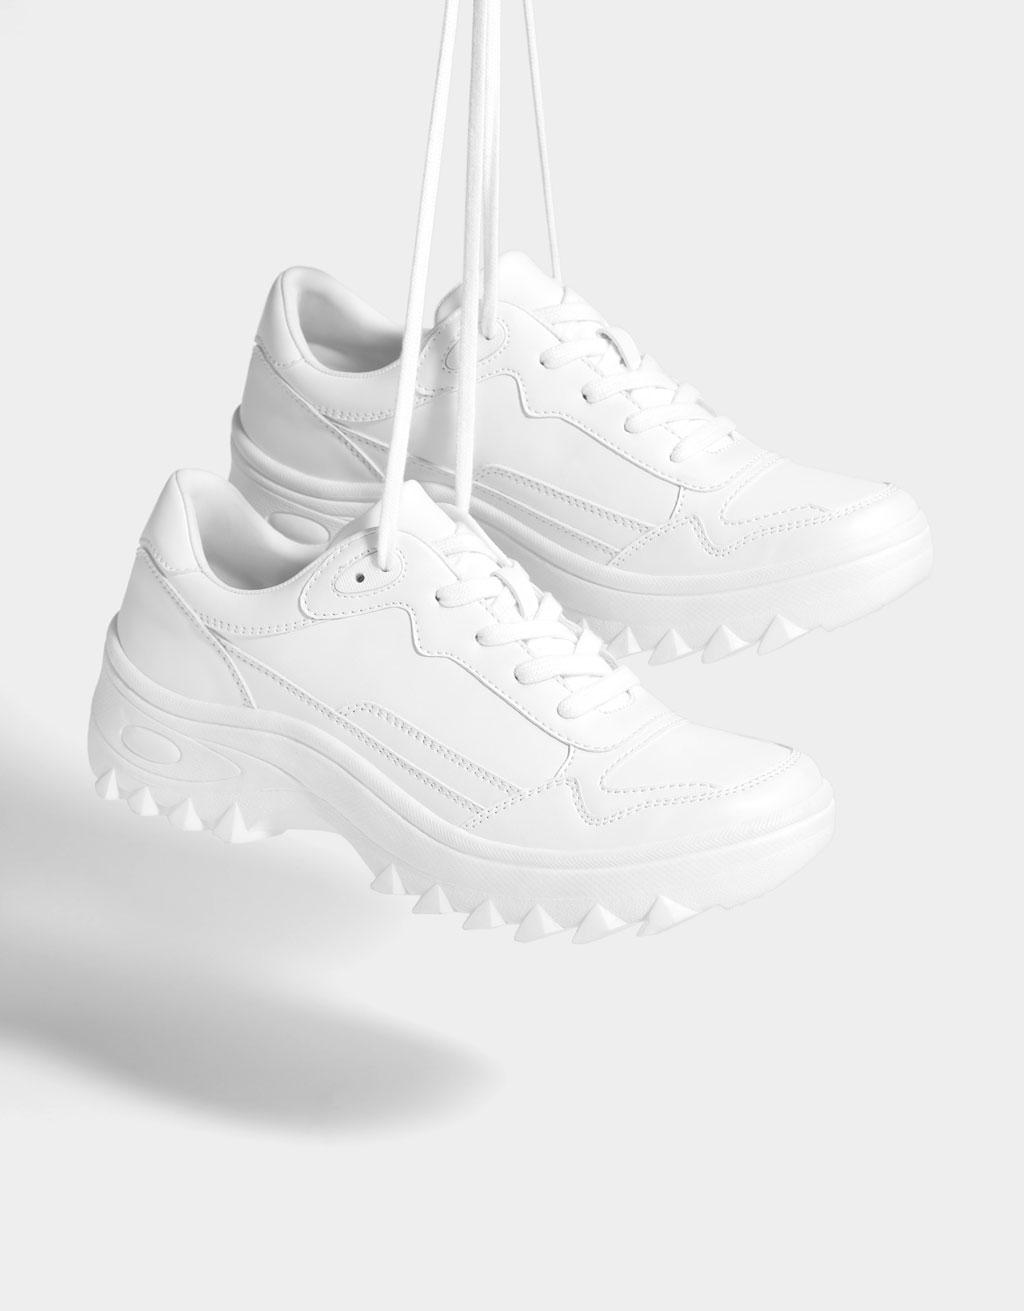 Beli športni čevlji z debelim podplatom